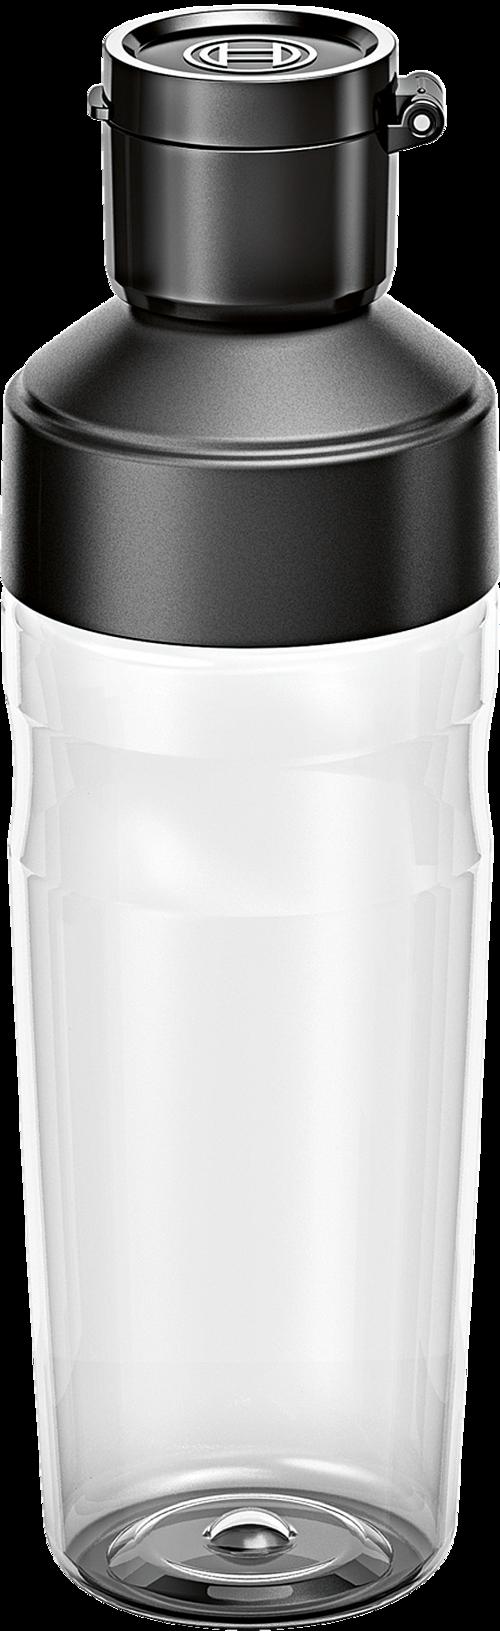 Bosch Mmzv0bt1 Blender - Aluminium